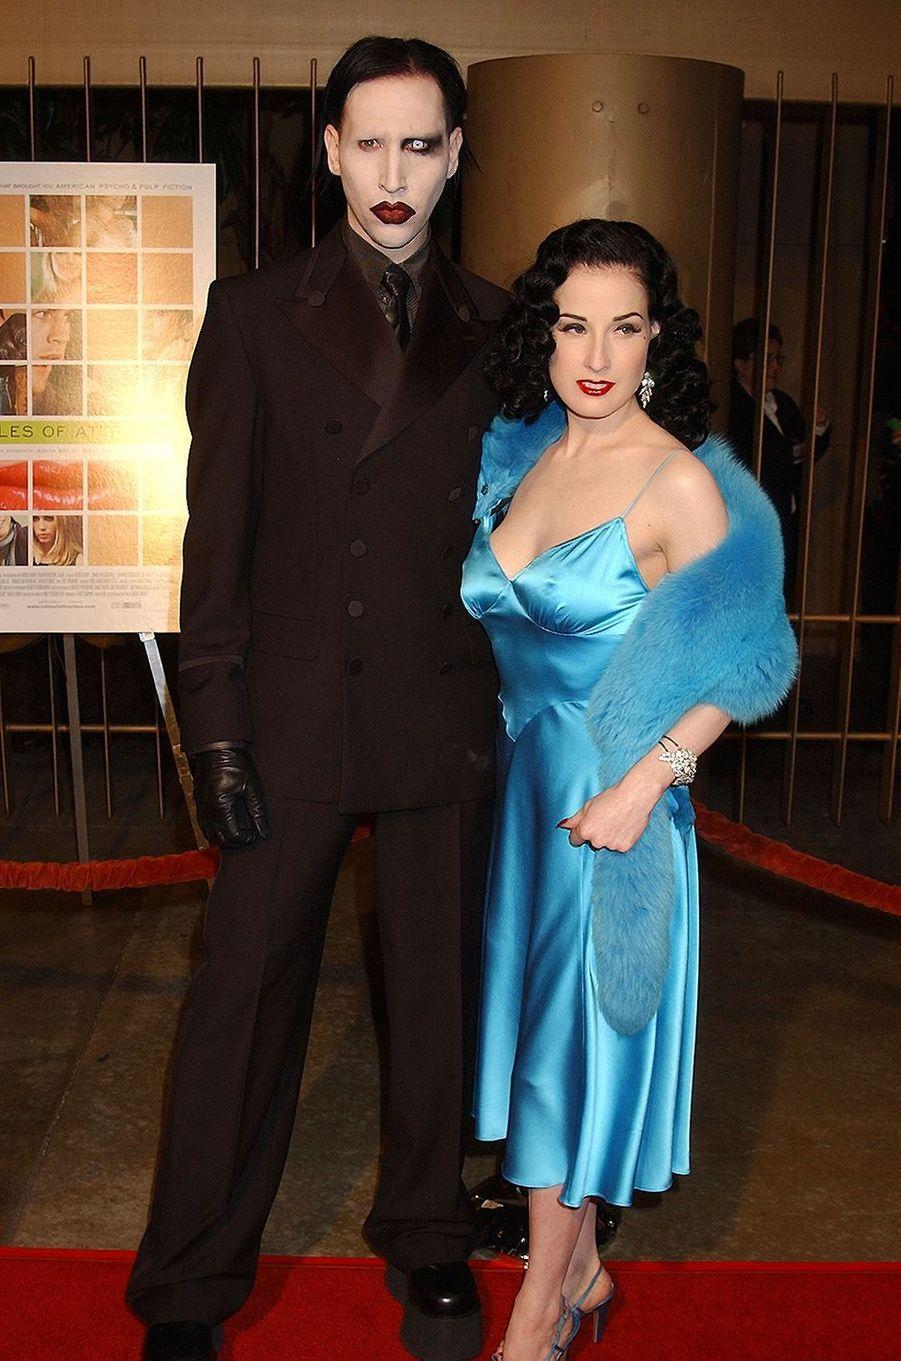 Marilyn Manson et Dita Von Teese à la première du film «Les Lois de l'attraction» à Hollywood en octobre 2002